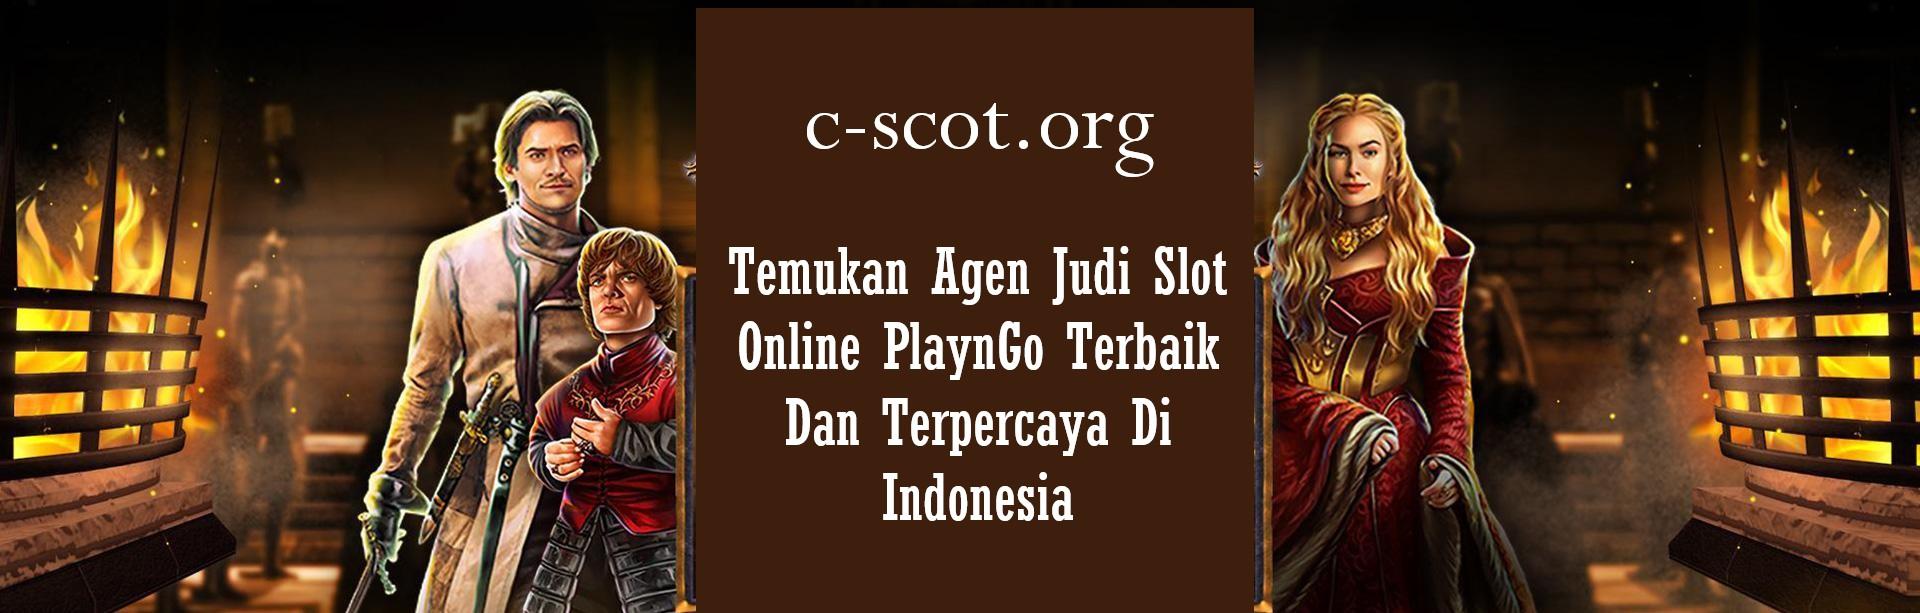 Temukan Agen Judi Slot Online PlaynGo Terbaik Dan Terpercaya Di Indonesia